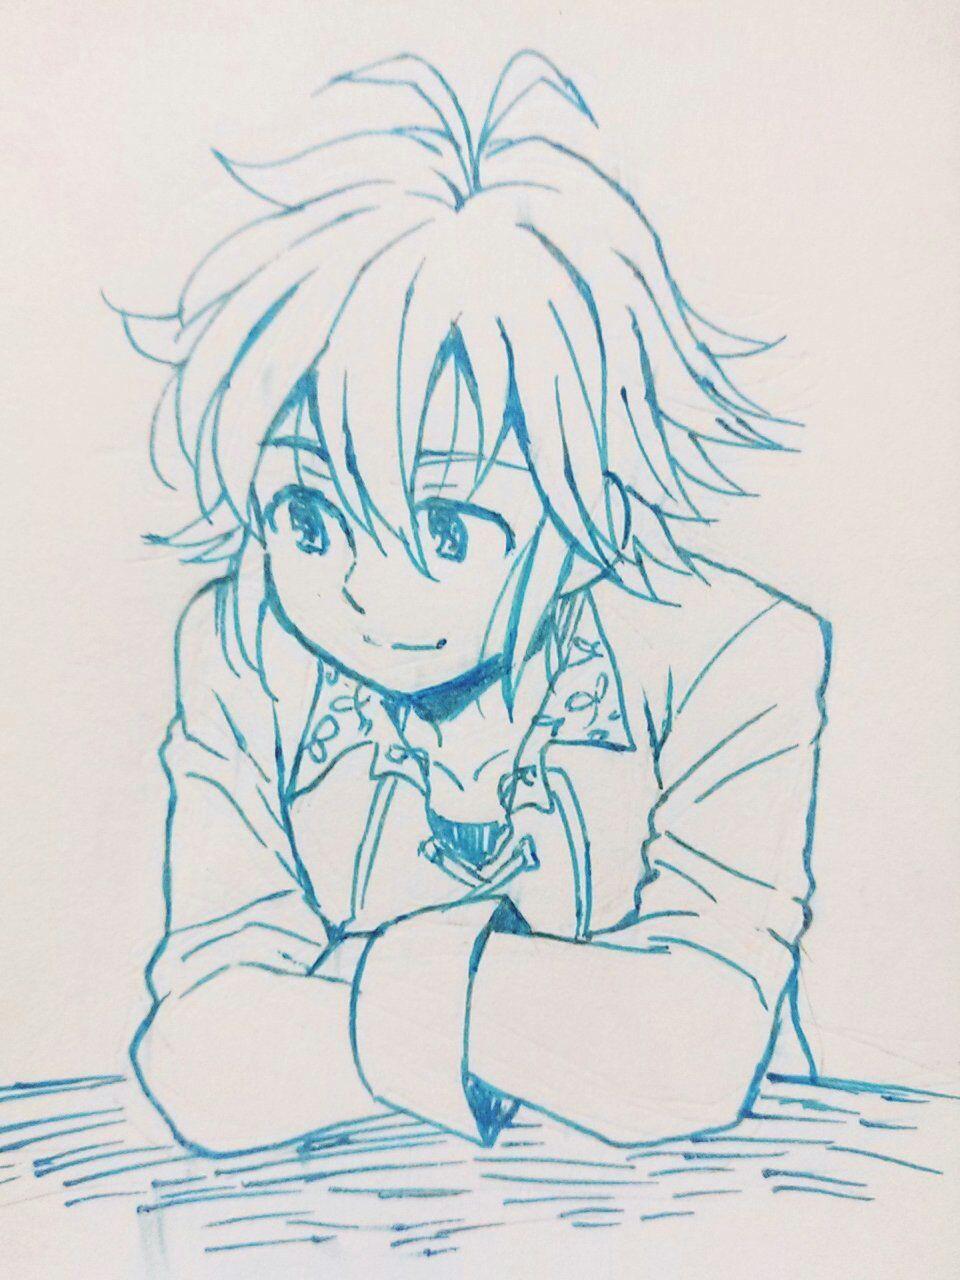 Galeria Nanatsu No Taizai Arte De Anime Dibujos Anime 7 Pecados Capitales